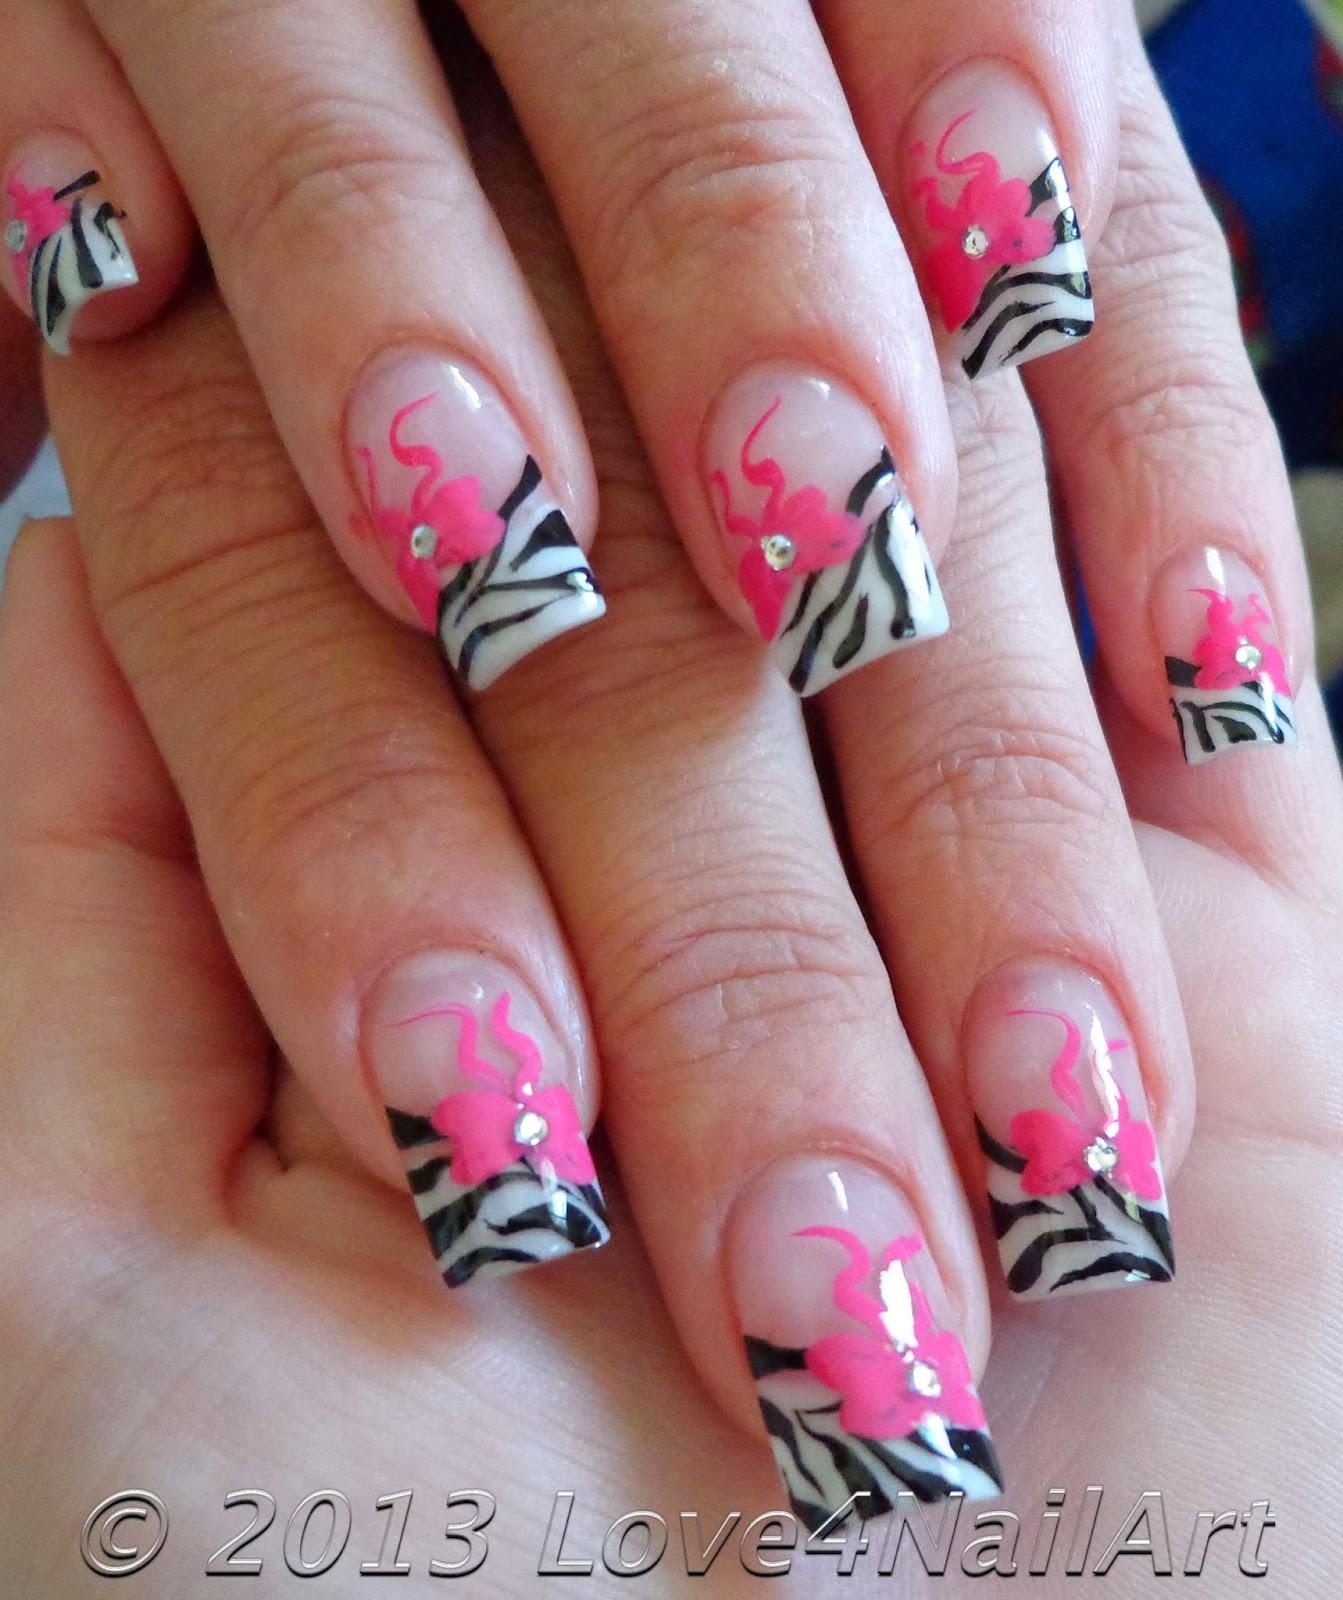 Nails Designs 2014 With Bows Love4NailArt: Zebra Na...